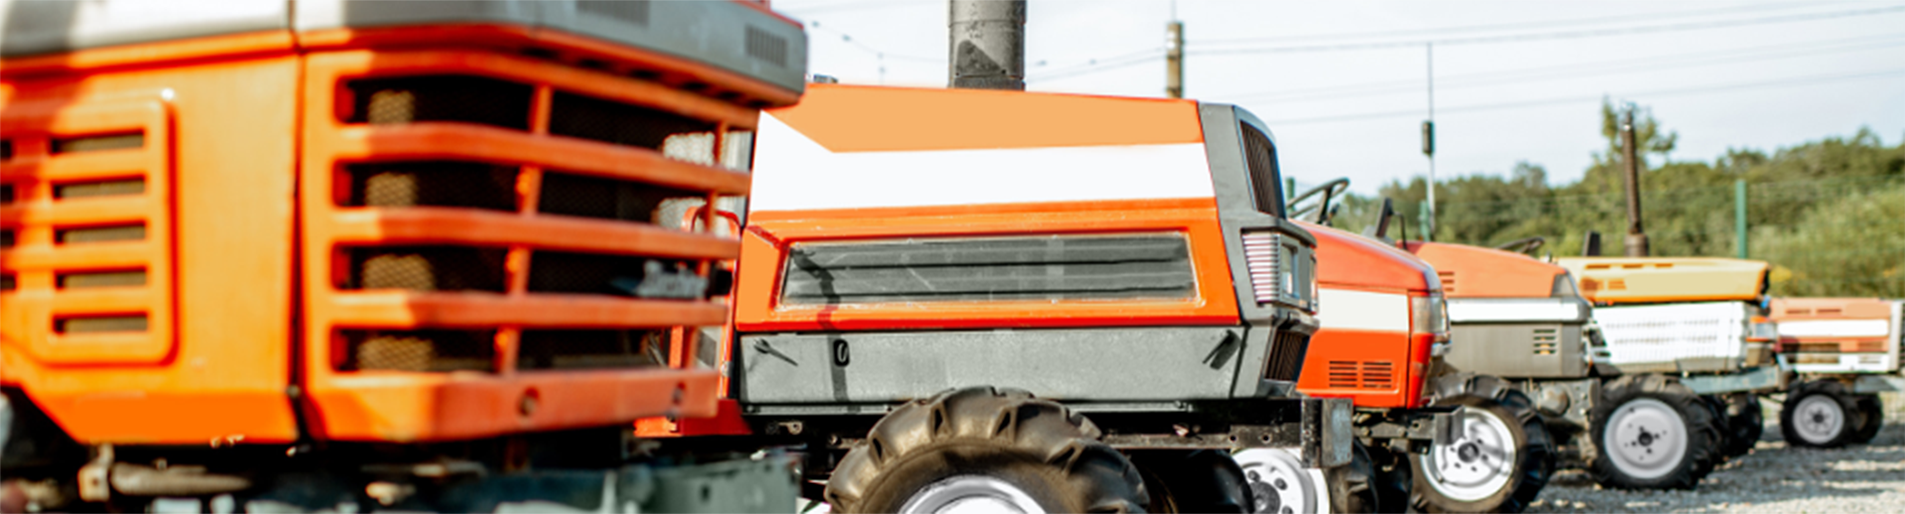 BPA TCEEA - Alignement de tracteurs